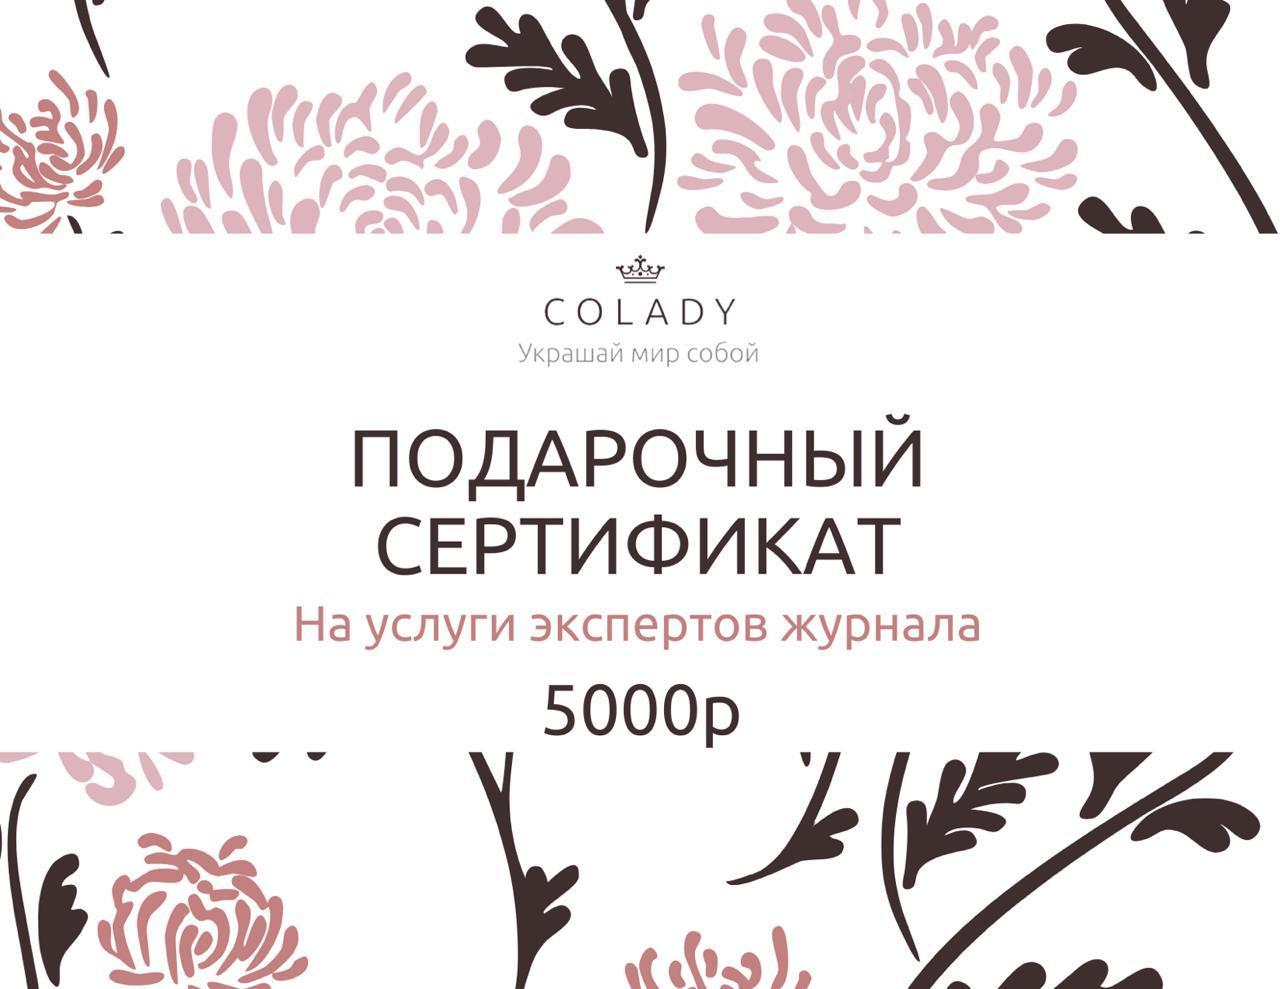 Что подарить девушке на 8 Марта – лучшие идеи подарков от Colady